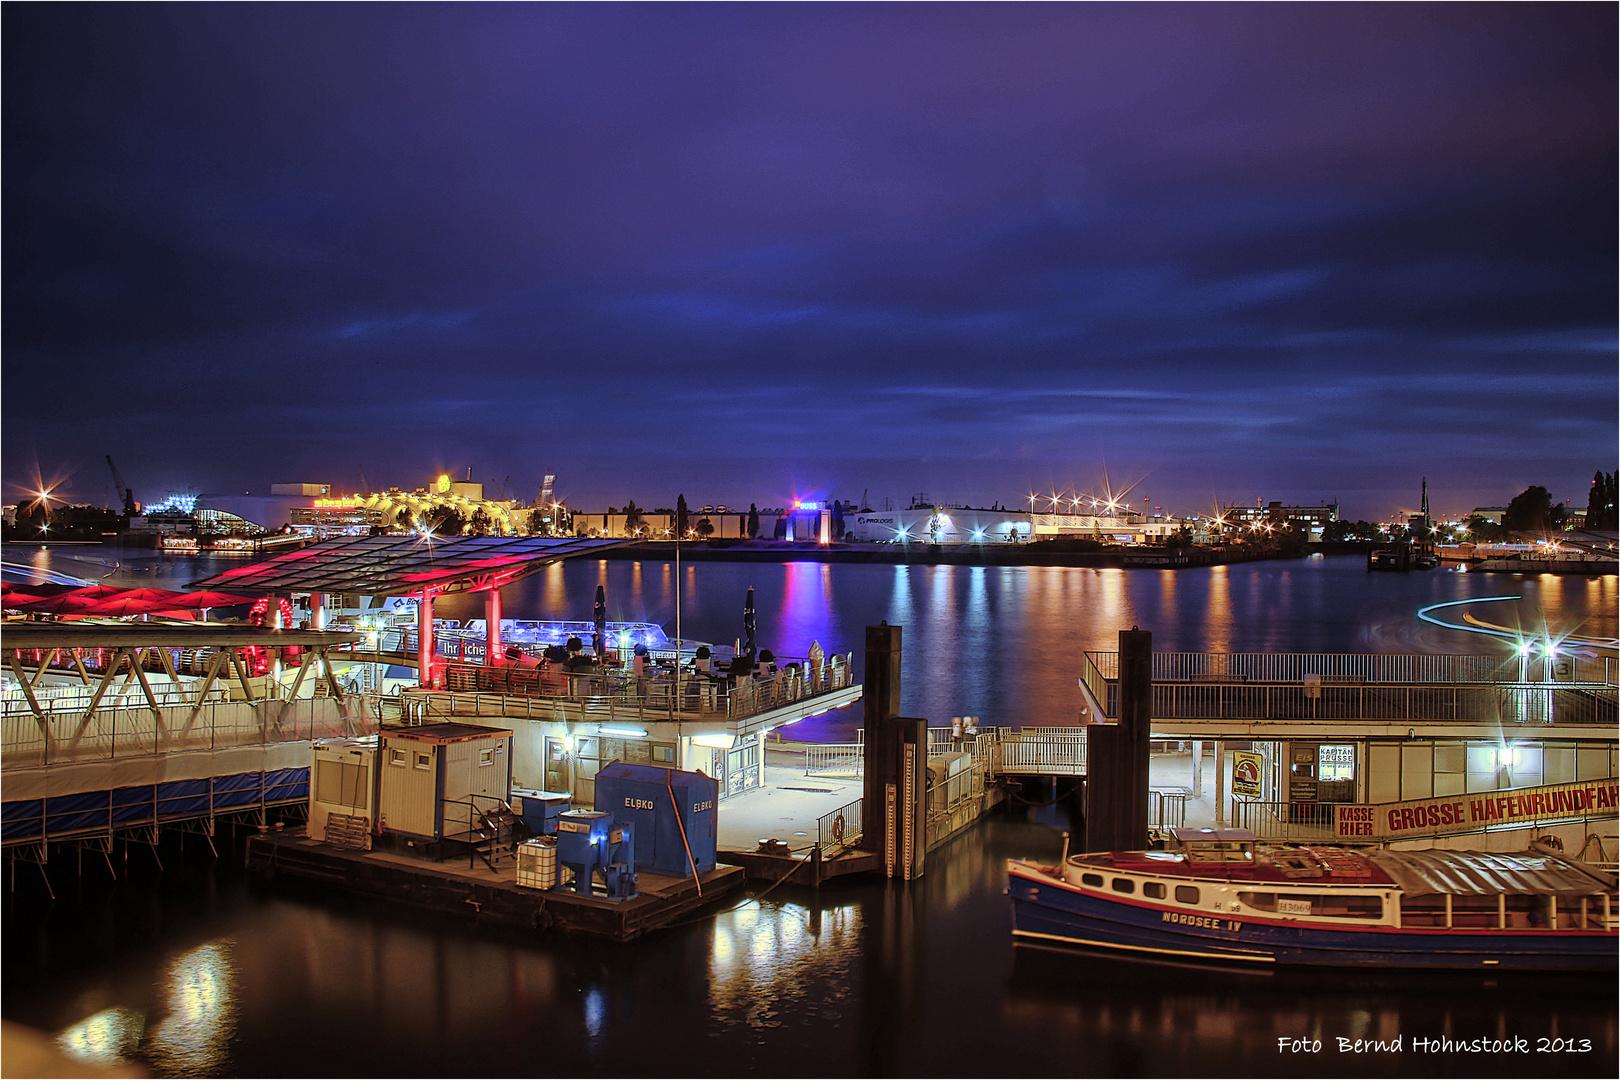 Hafenrundfahrt ... St. Pauli-Landungsbrücken